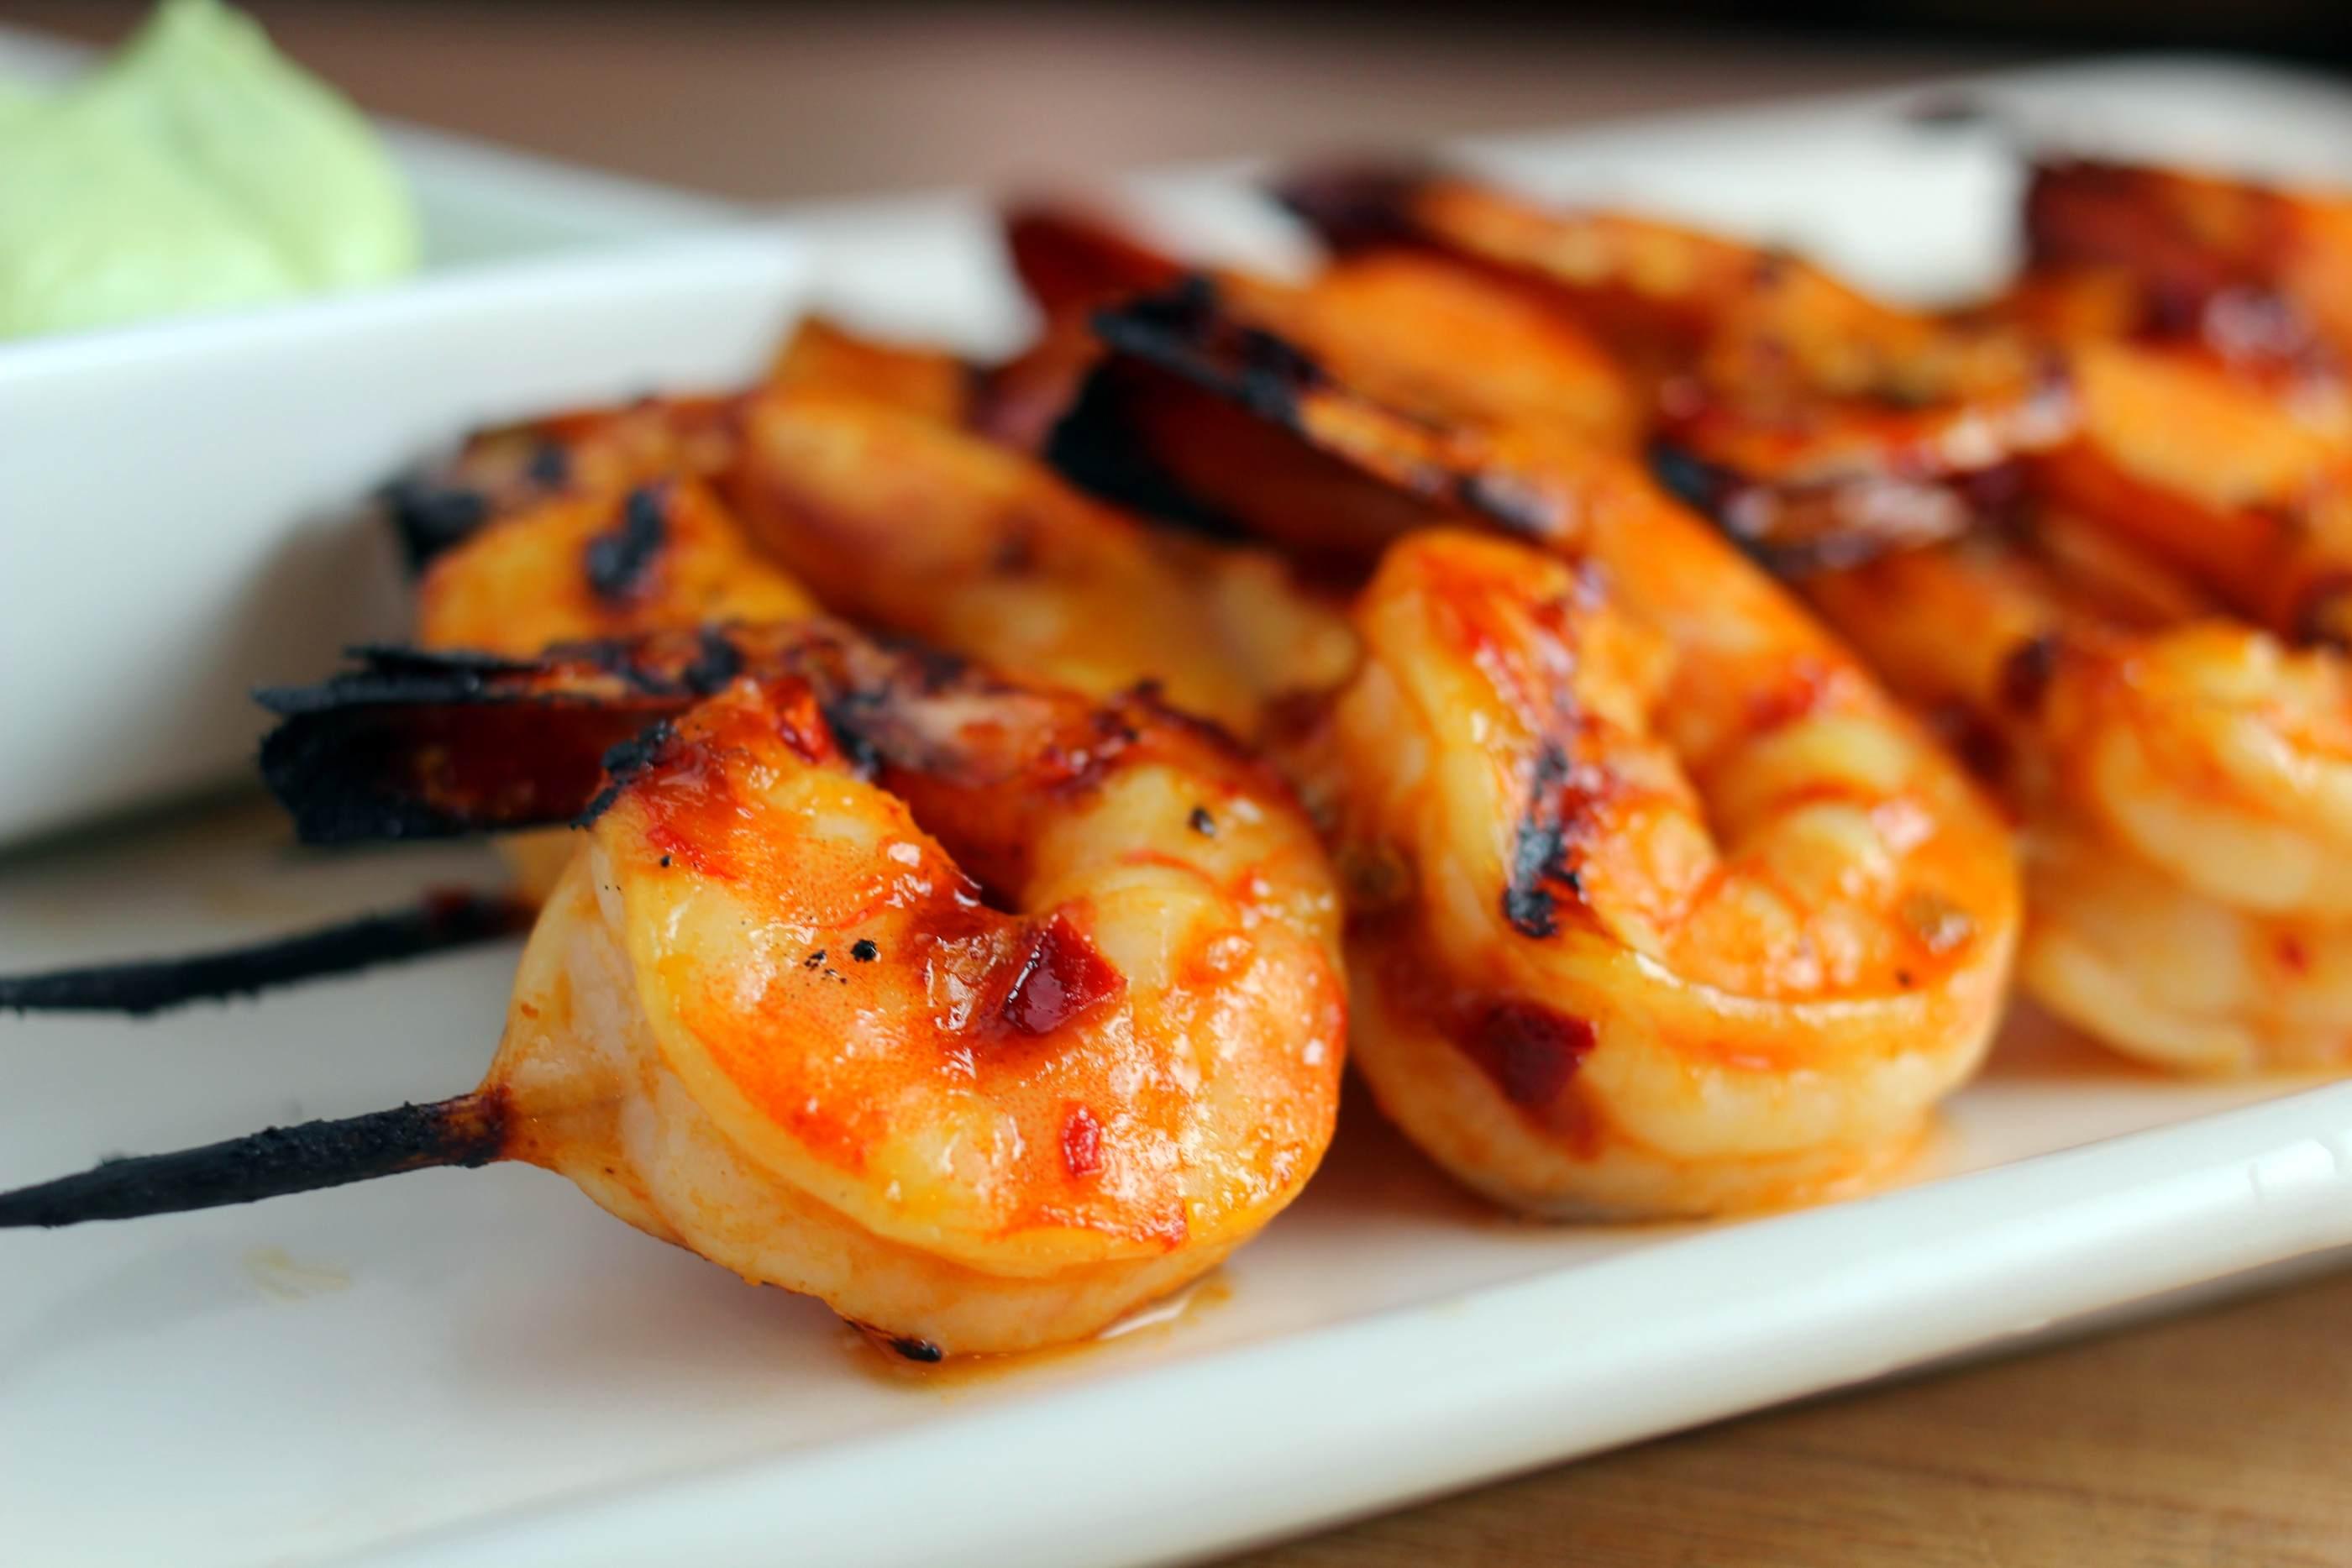 How To Make Shrimp Food